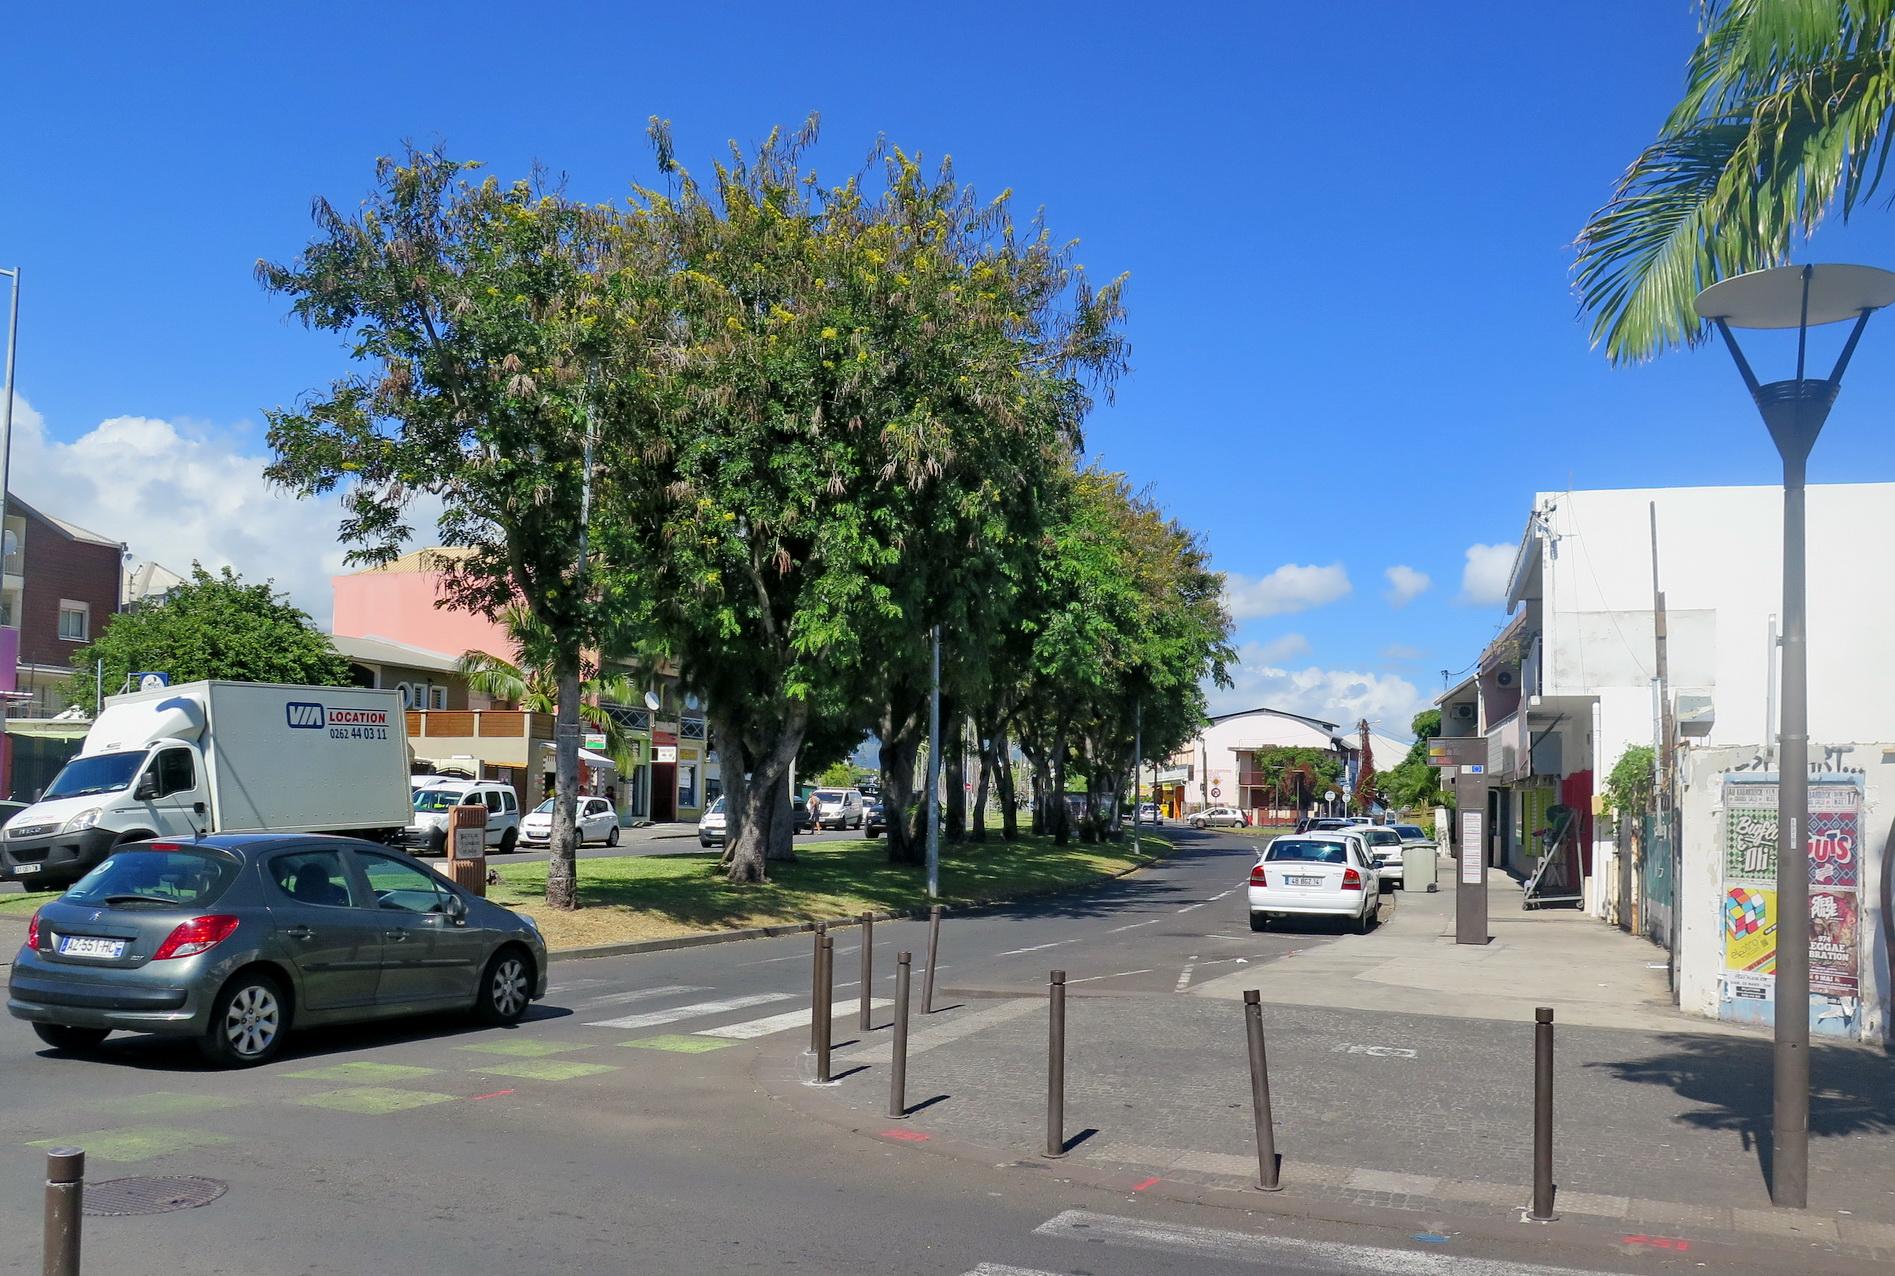 [Vie des ports] Les ports de la Réunion - Page 9 768639floral308